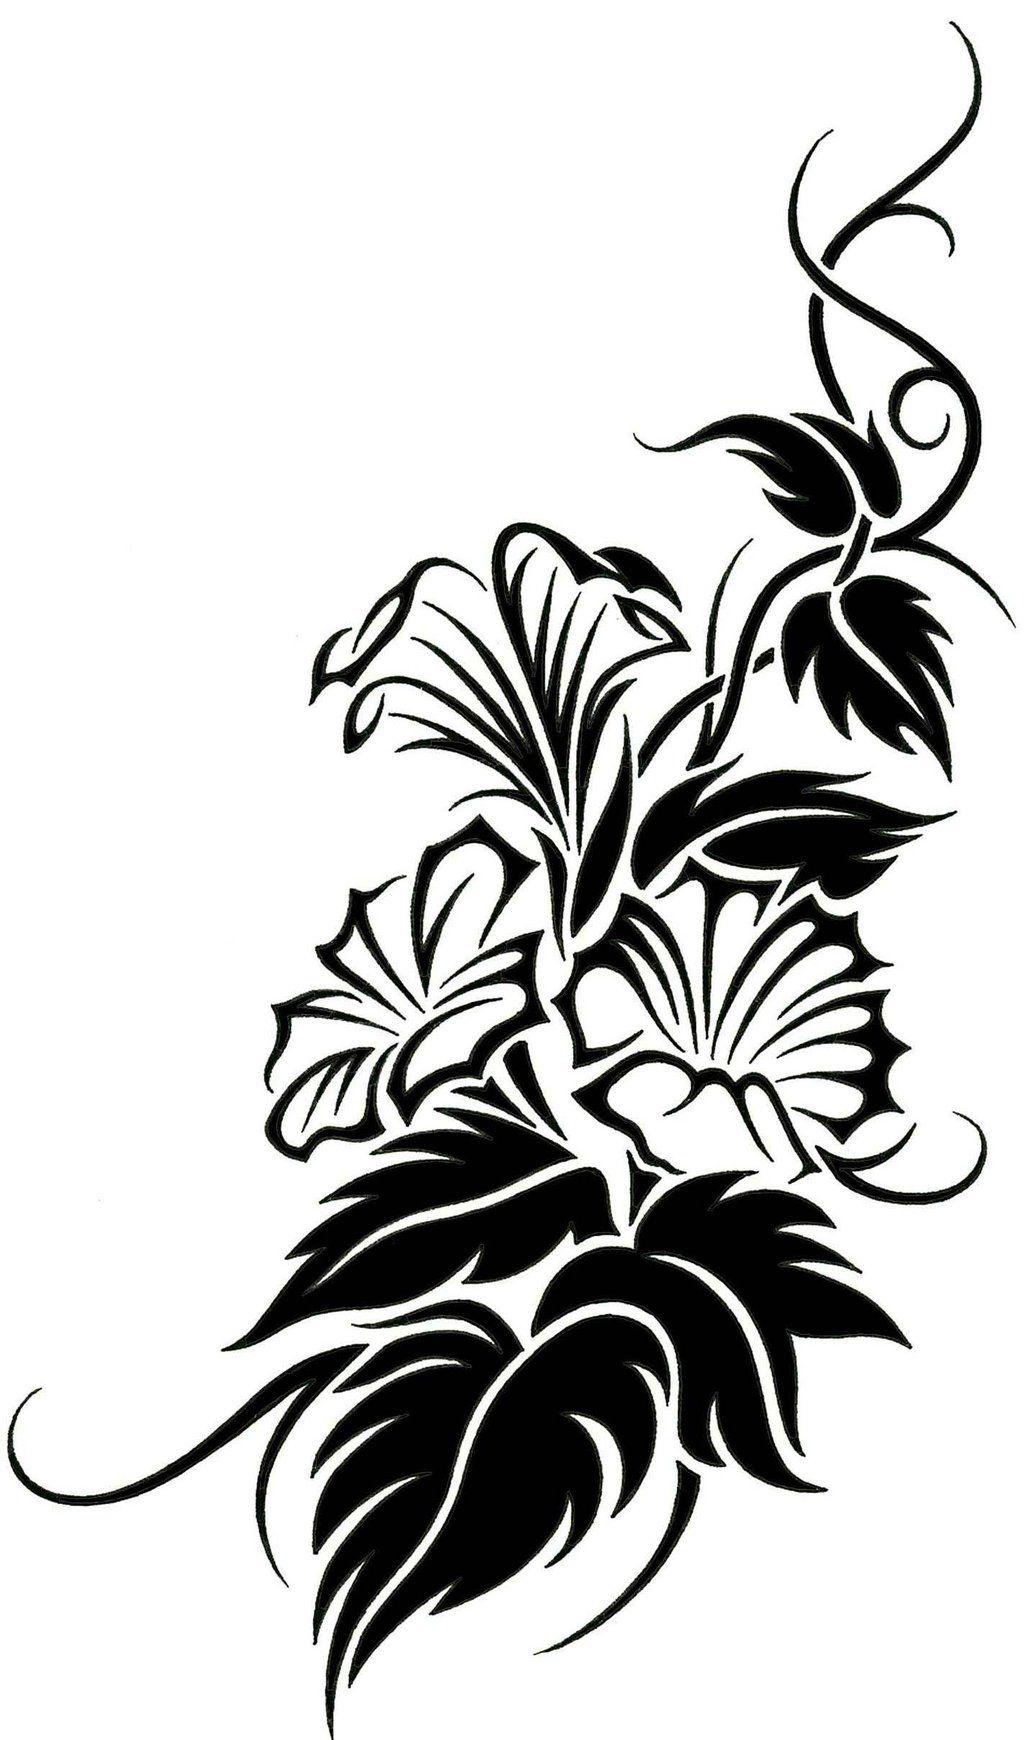 Floral Tribal Vine Tattoo Design by JSHarts.deviantart.com ...